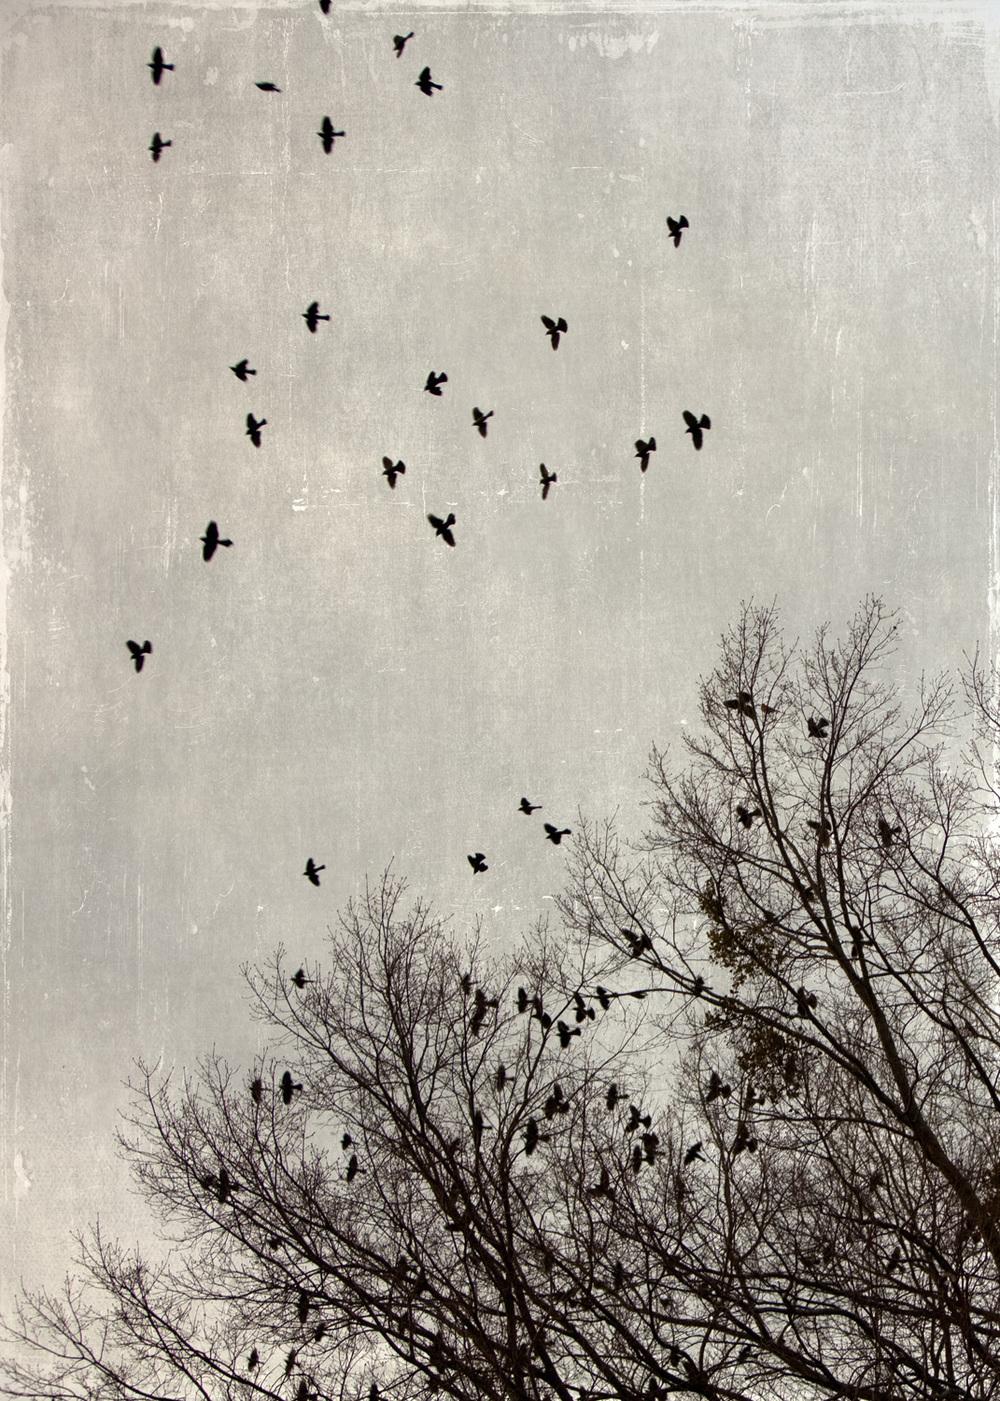 birds_at_dusk_05-7x5-7082.jpg